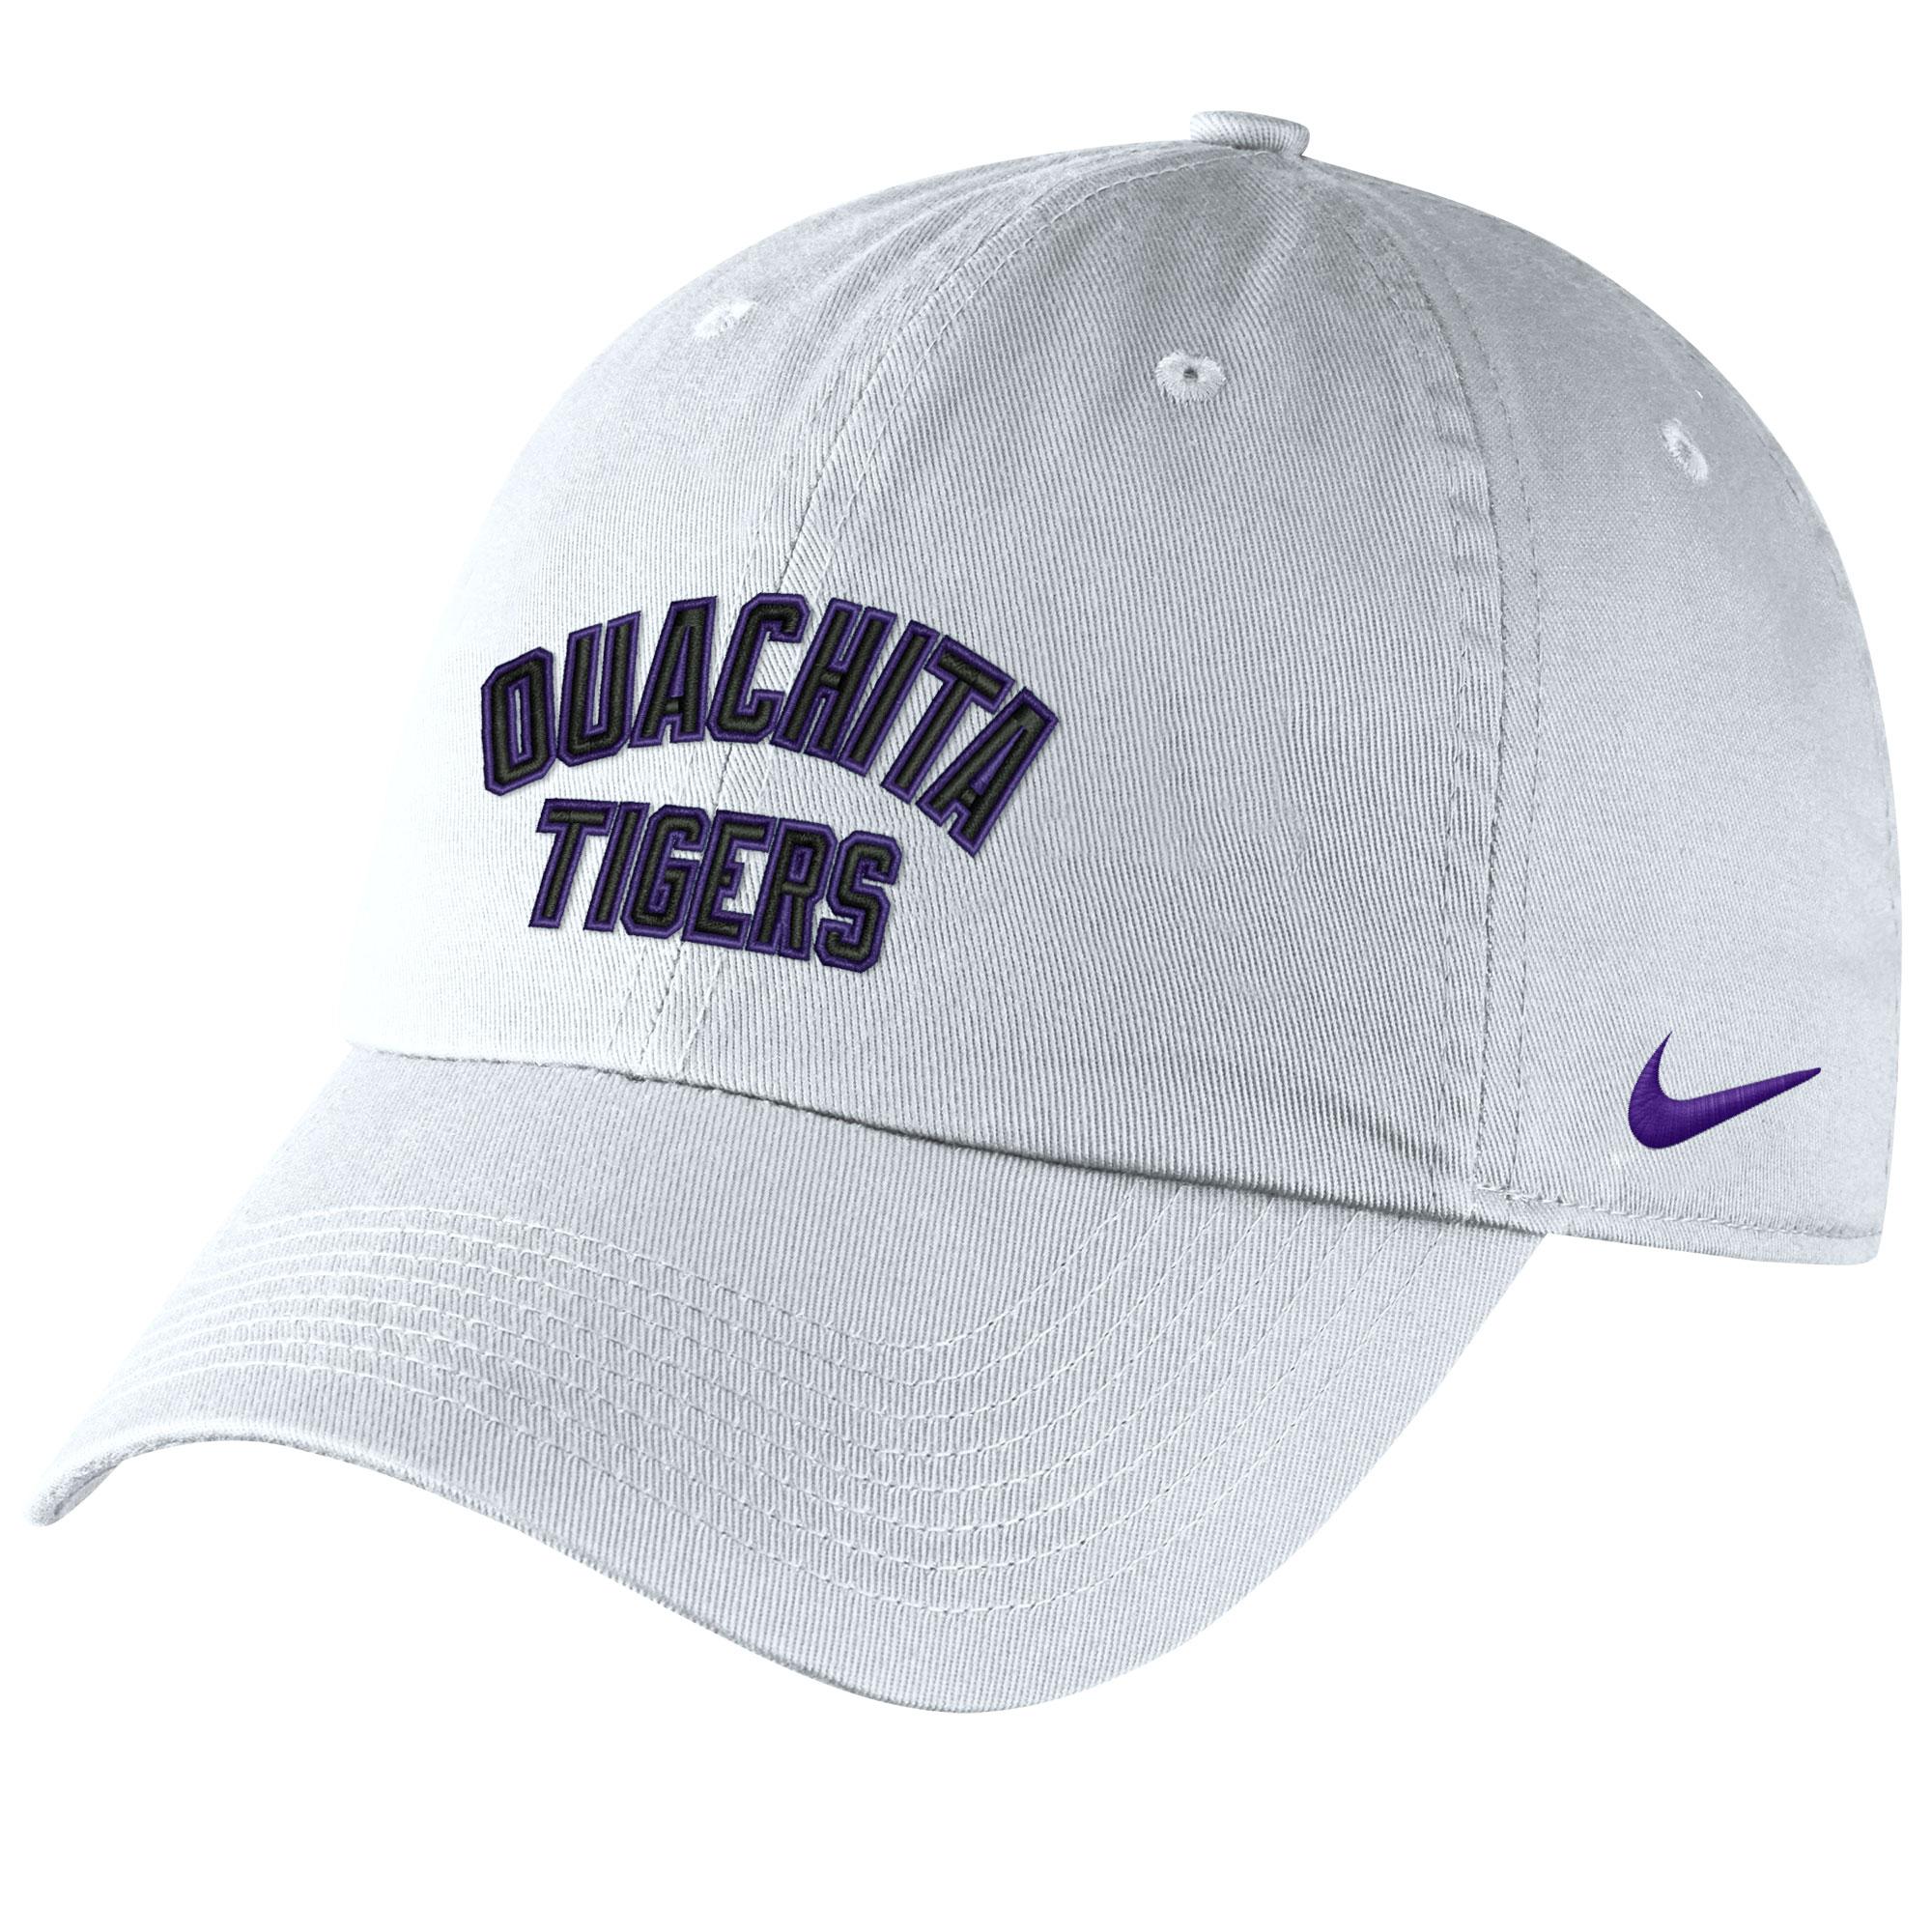 image of: OUACHITA TIGERS AUTHENTIC CAP